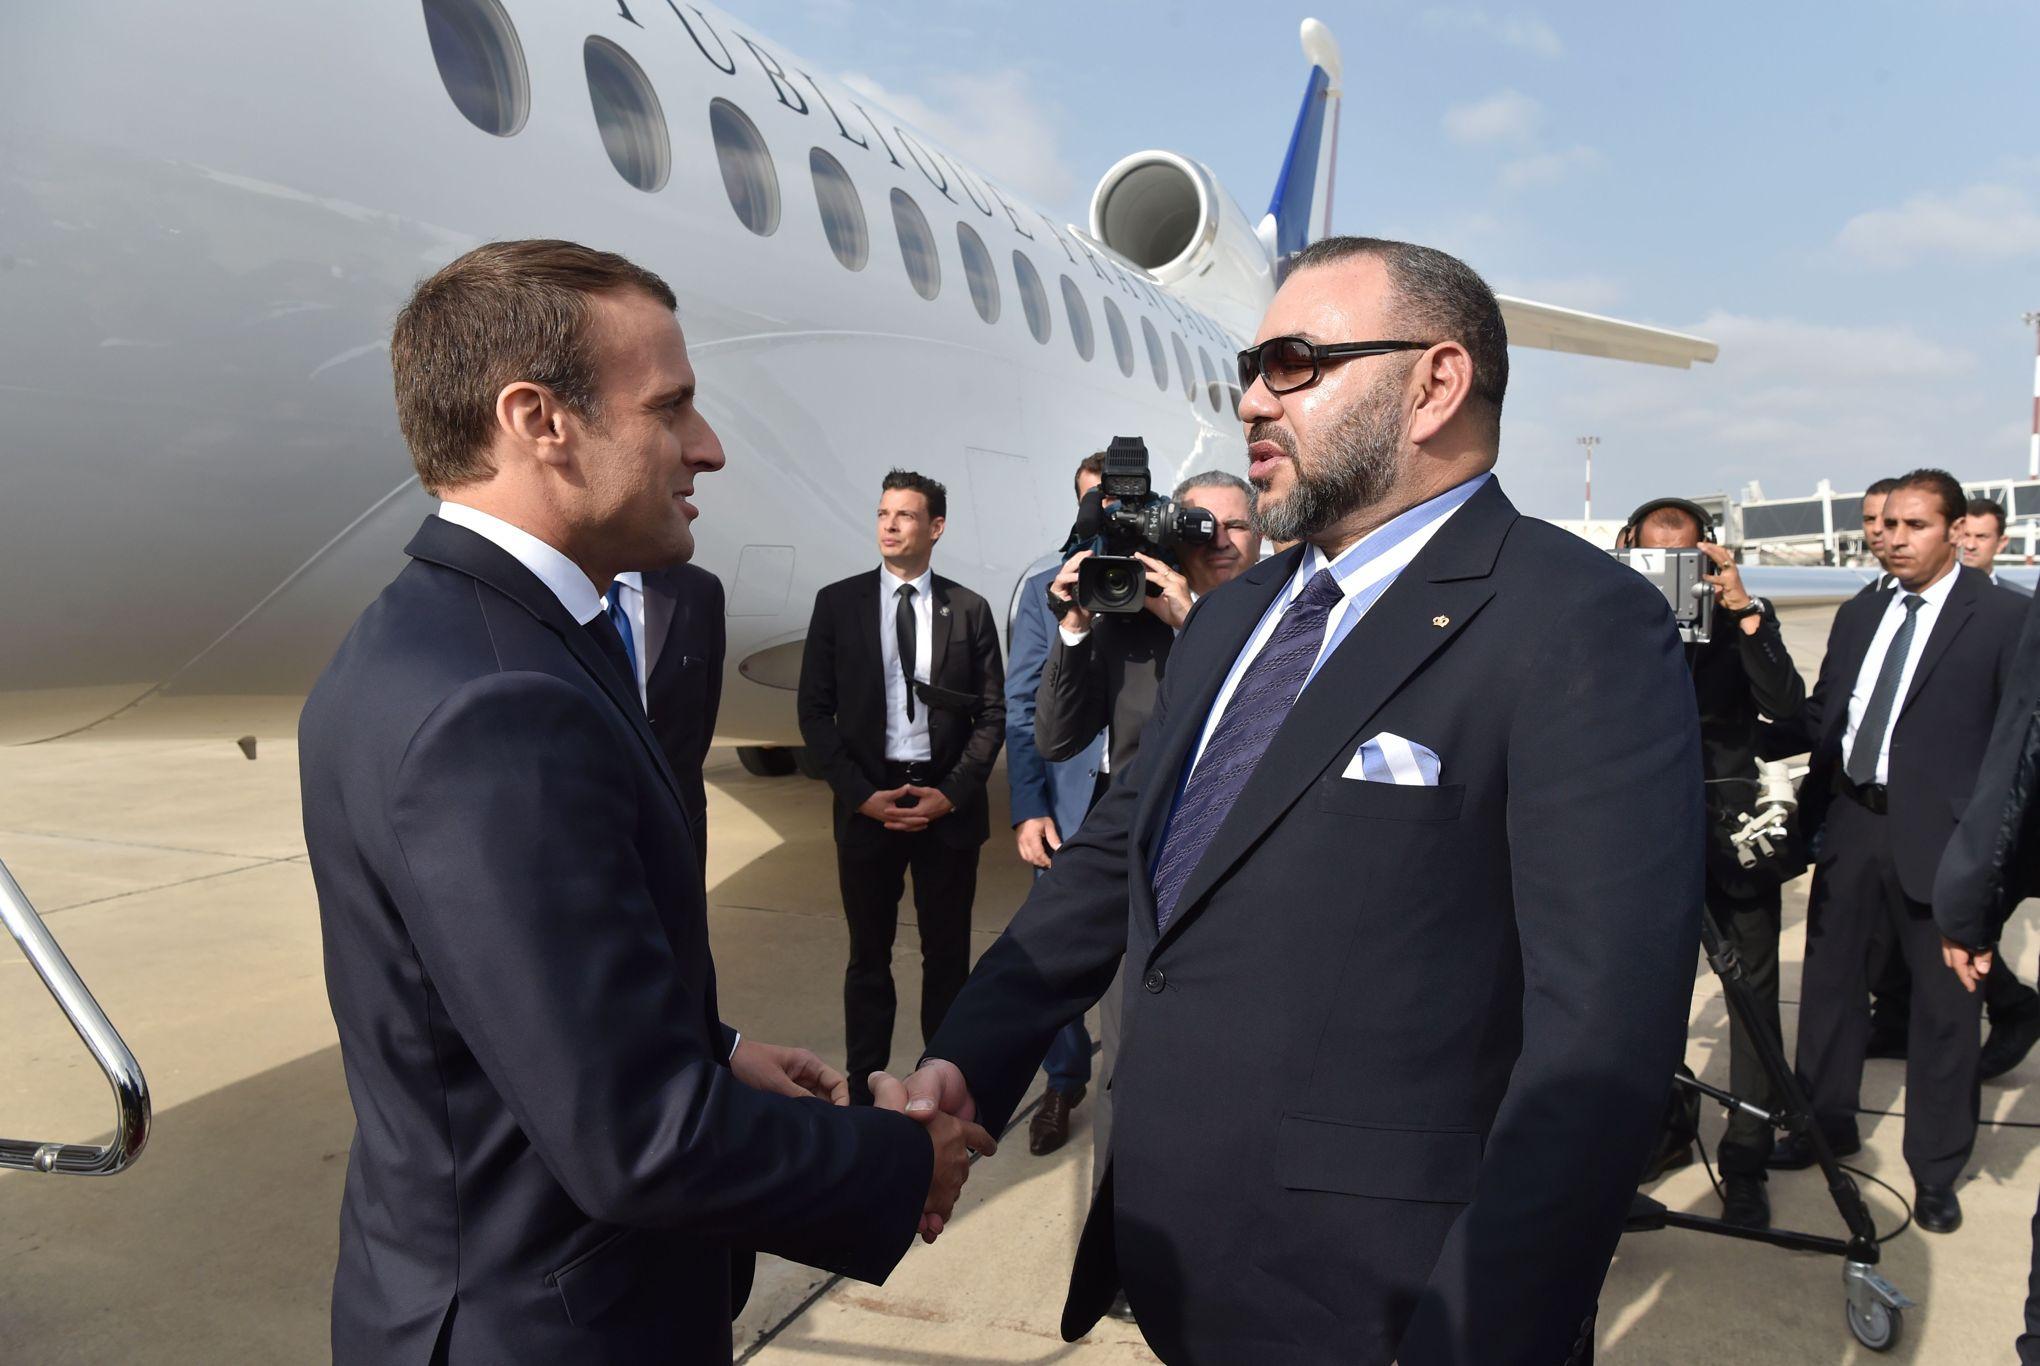 الملك المغربي رفقة الرئيس الفرنسي